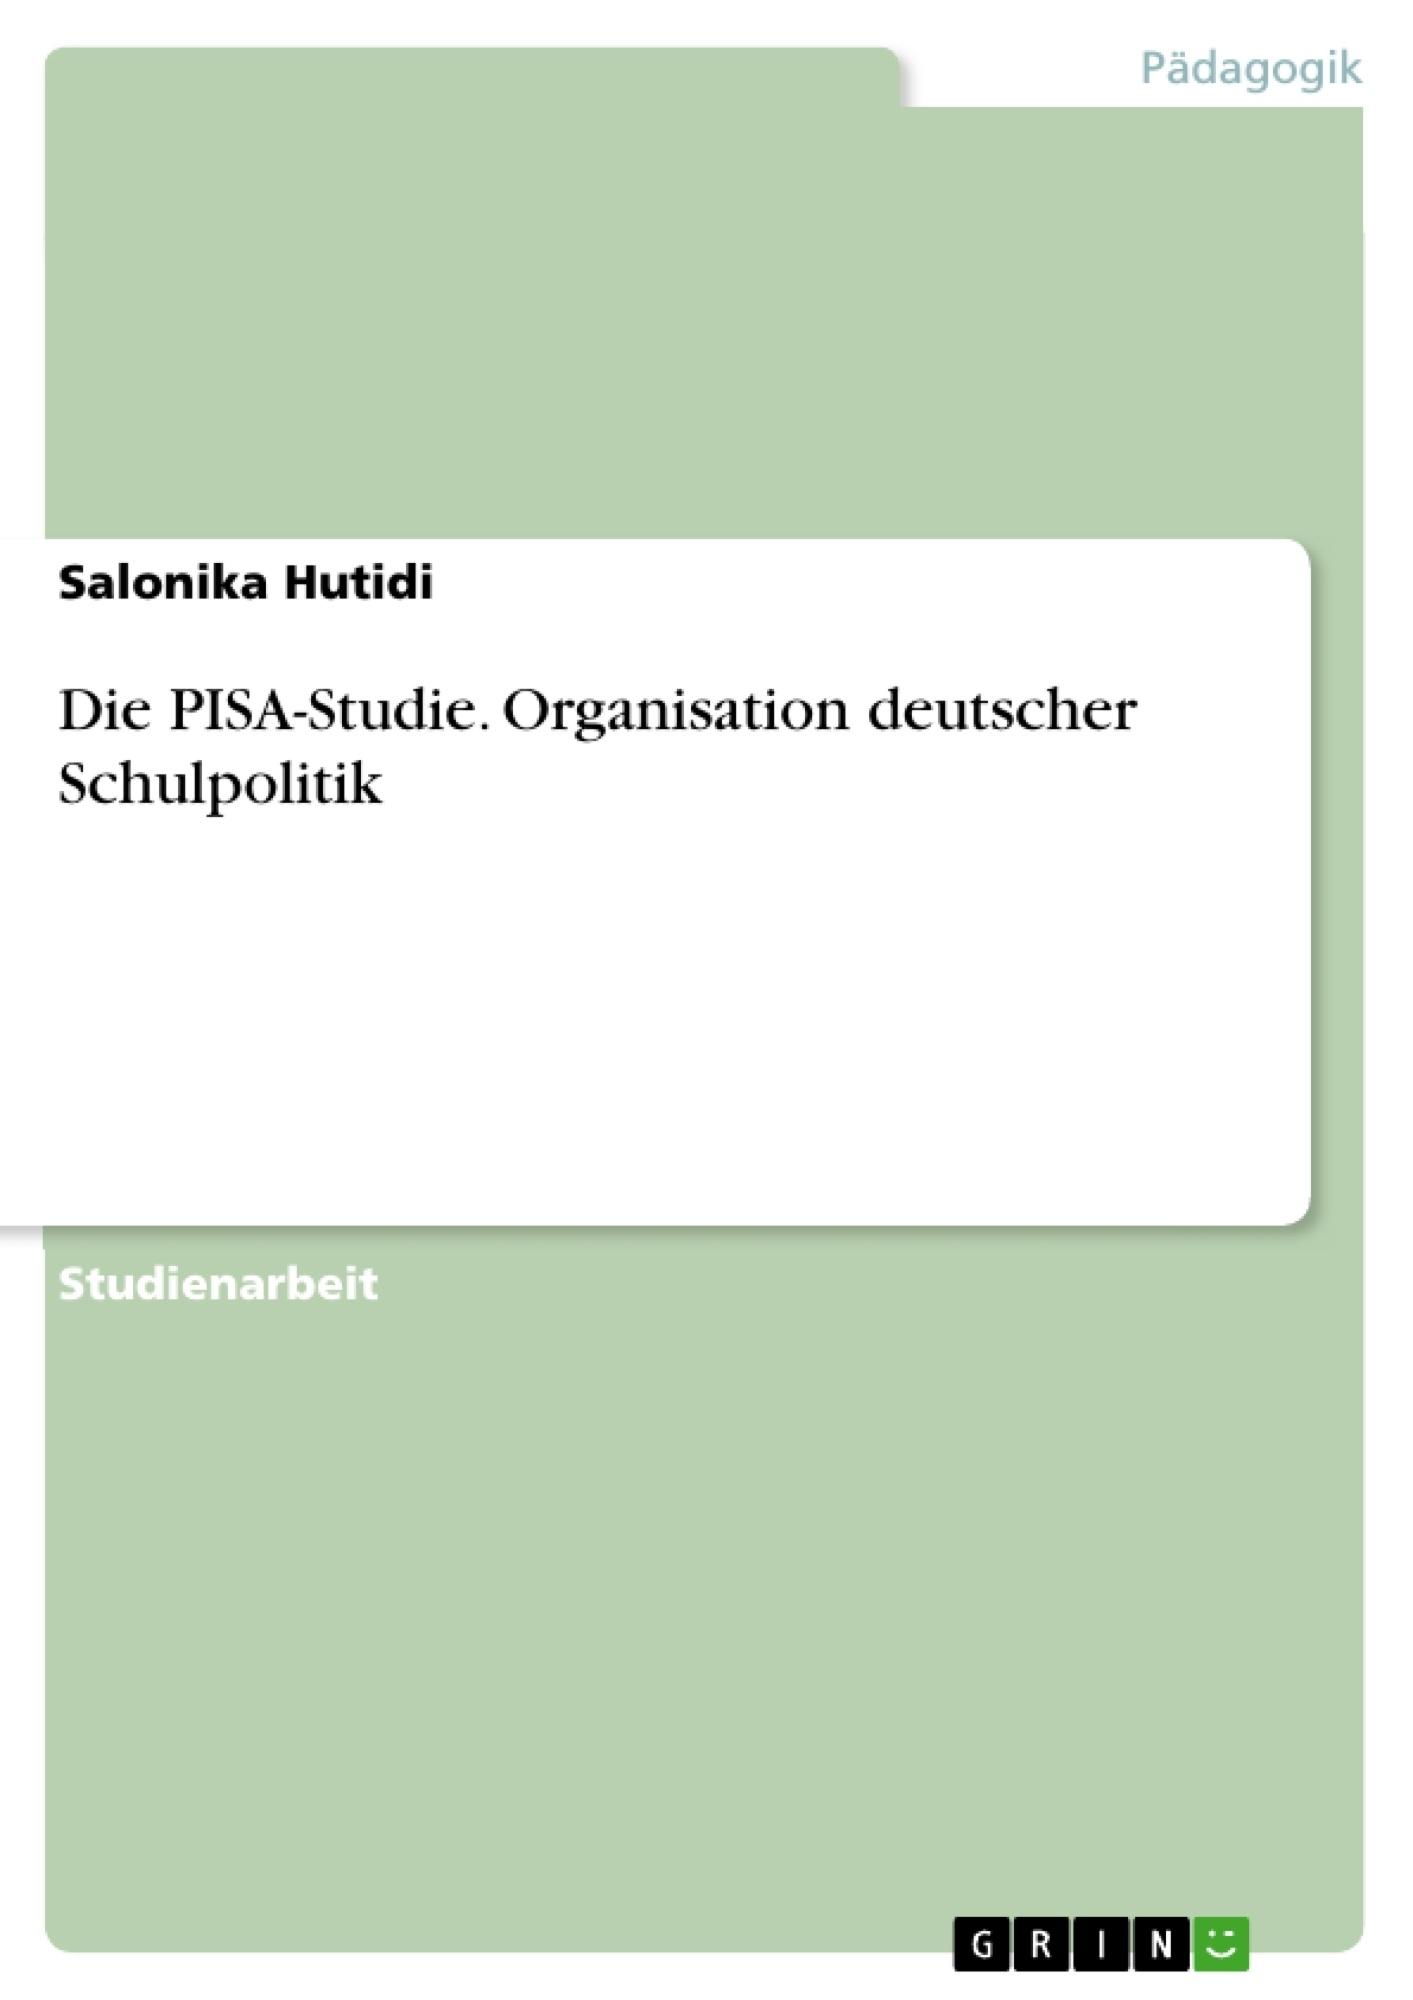 Titel: Die PISA-Studie. Organisation deutscher Schulpolitik